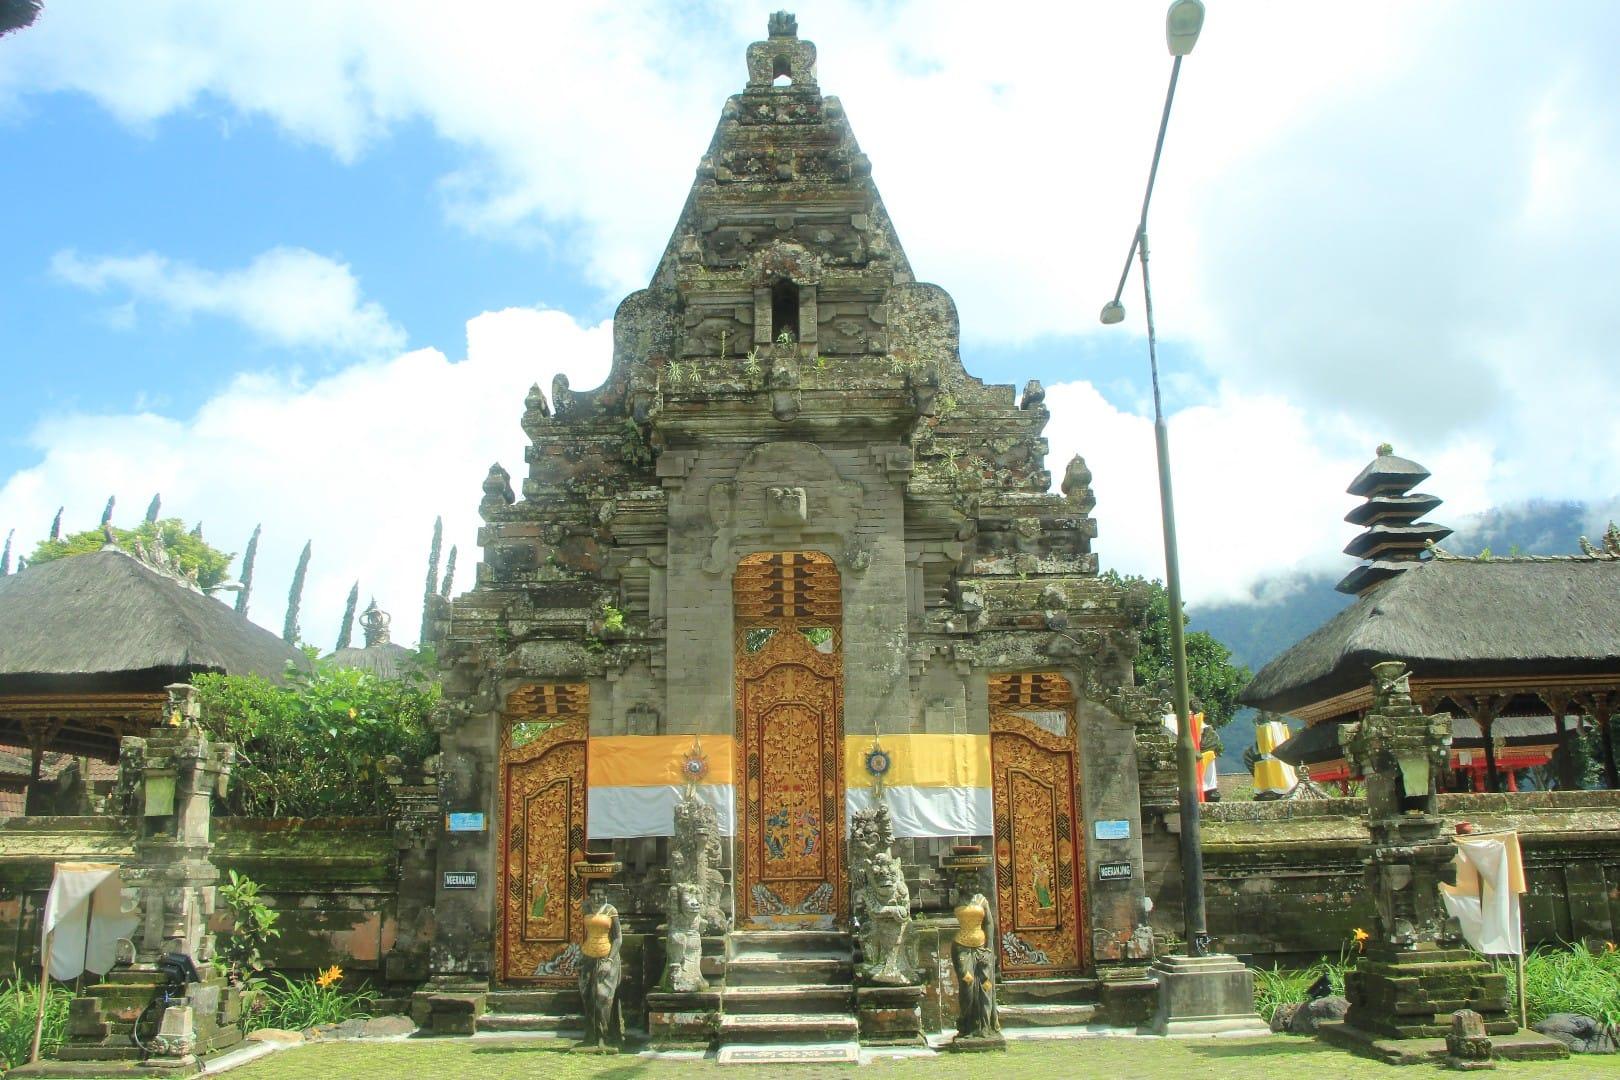 Visita al Templo Pura Ulun Danu en el Lago Bratan, Bali